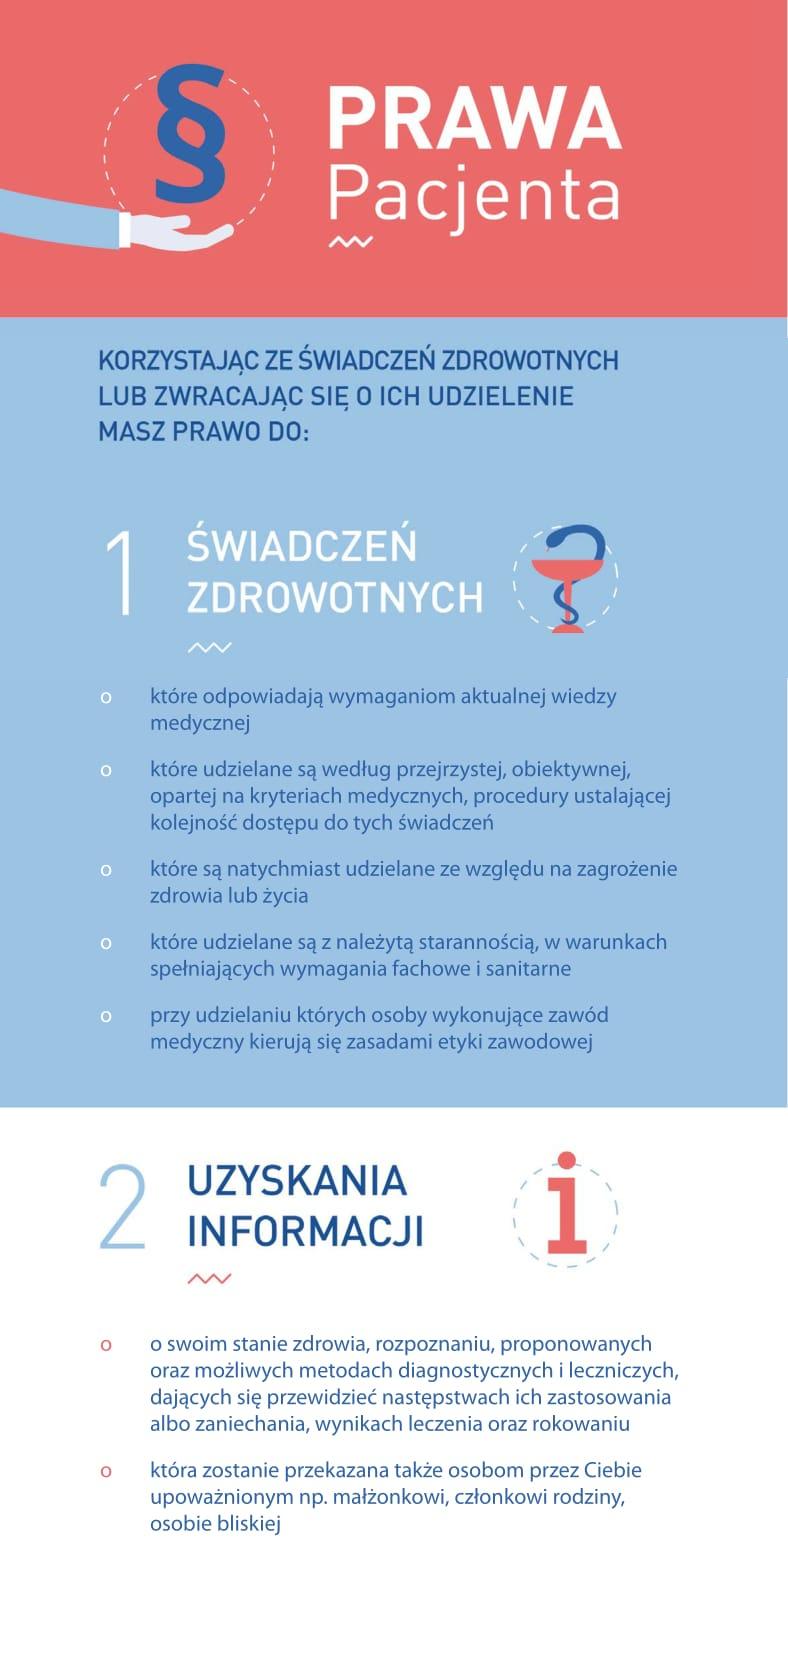 ulotka_prawa_pacjenta_2016-1